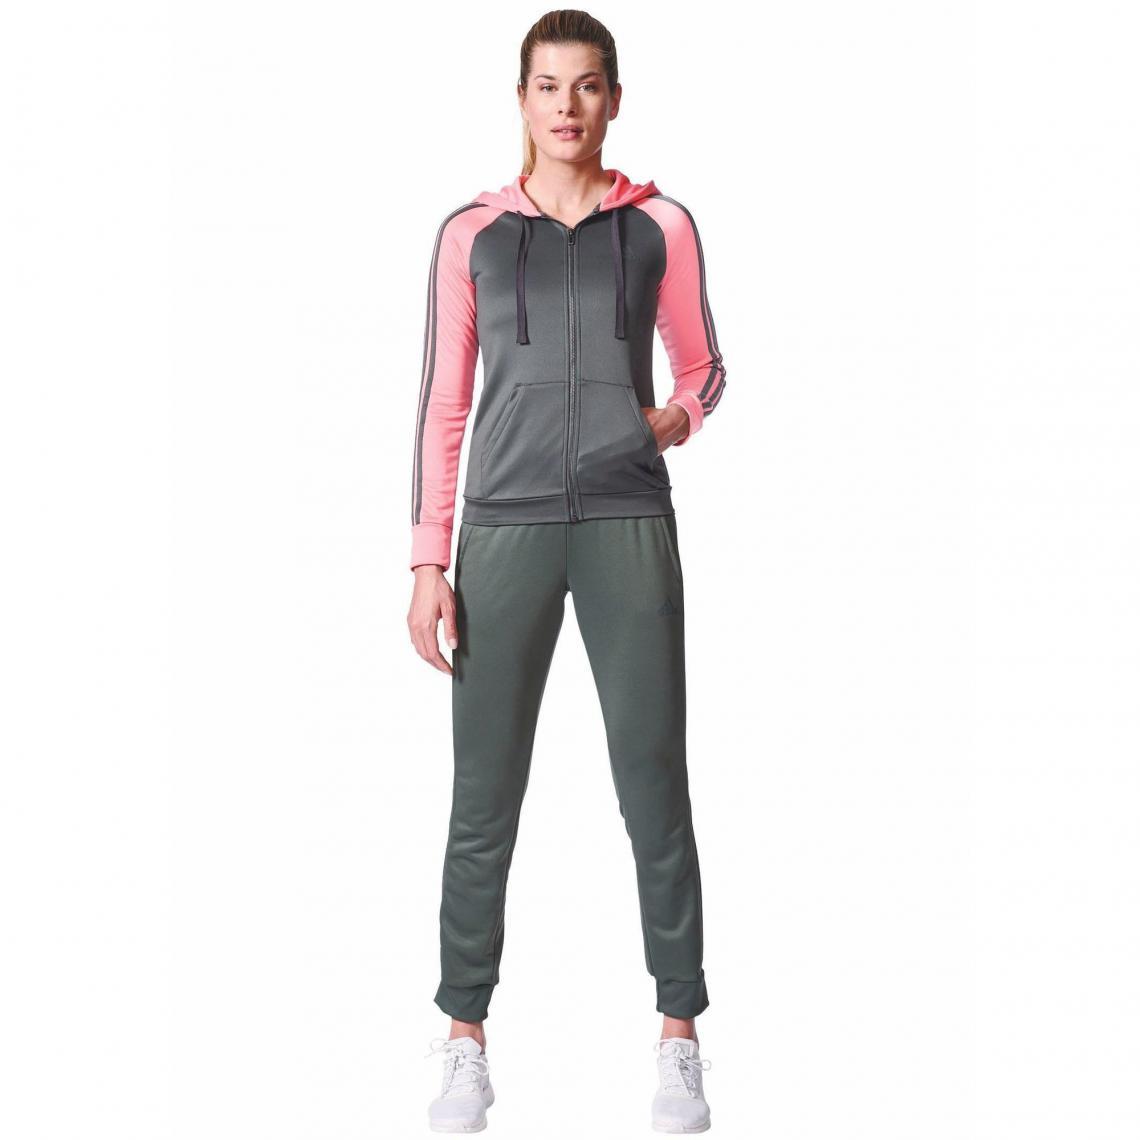 d9e625e0629b Survêtement Fly 9 adidas Performance pour femme - Gris Anthracite - Rosé  Adidas Performance Femme